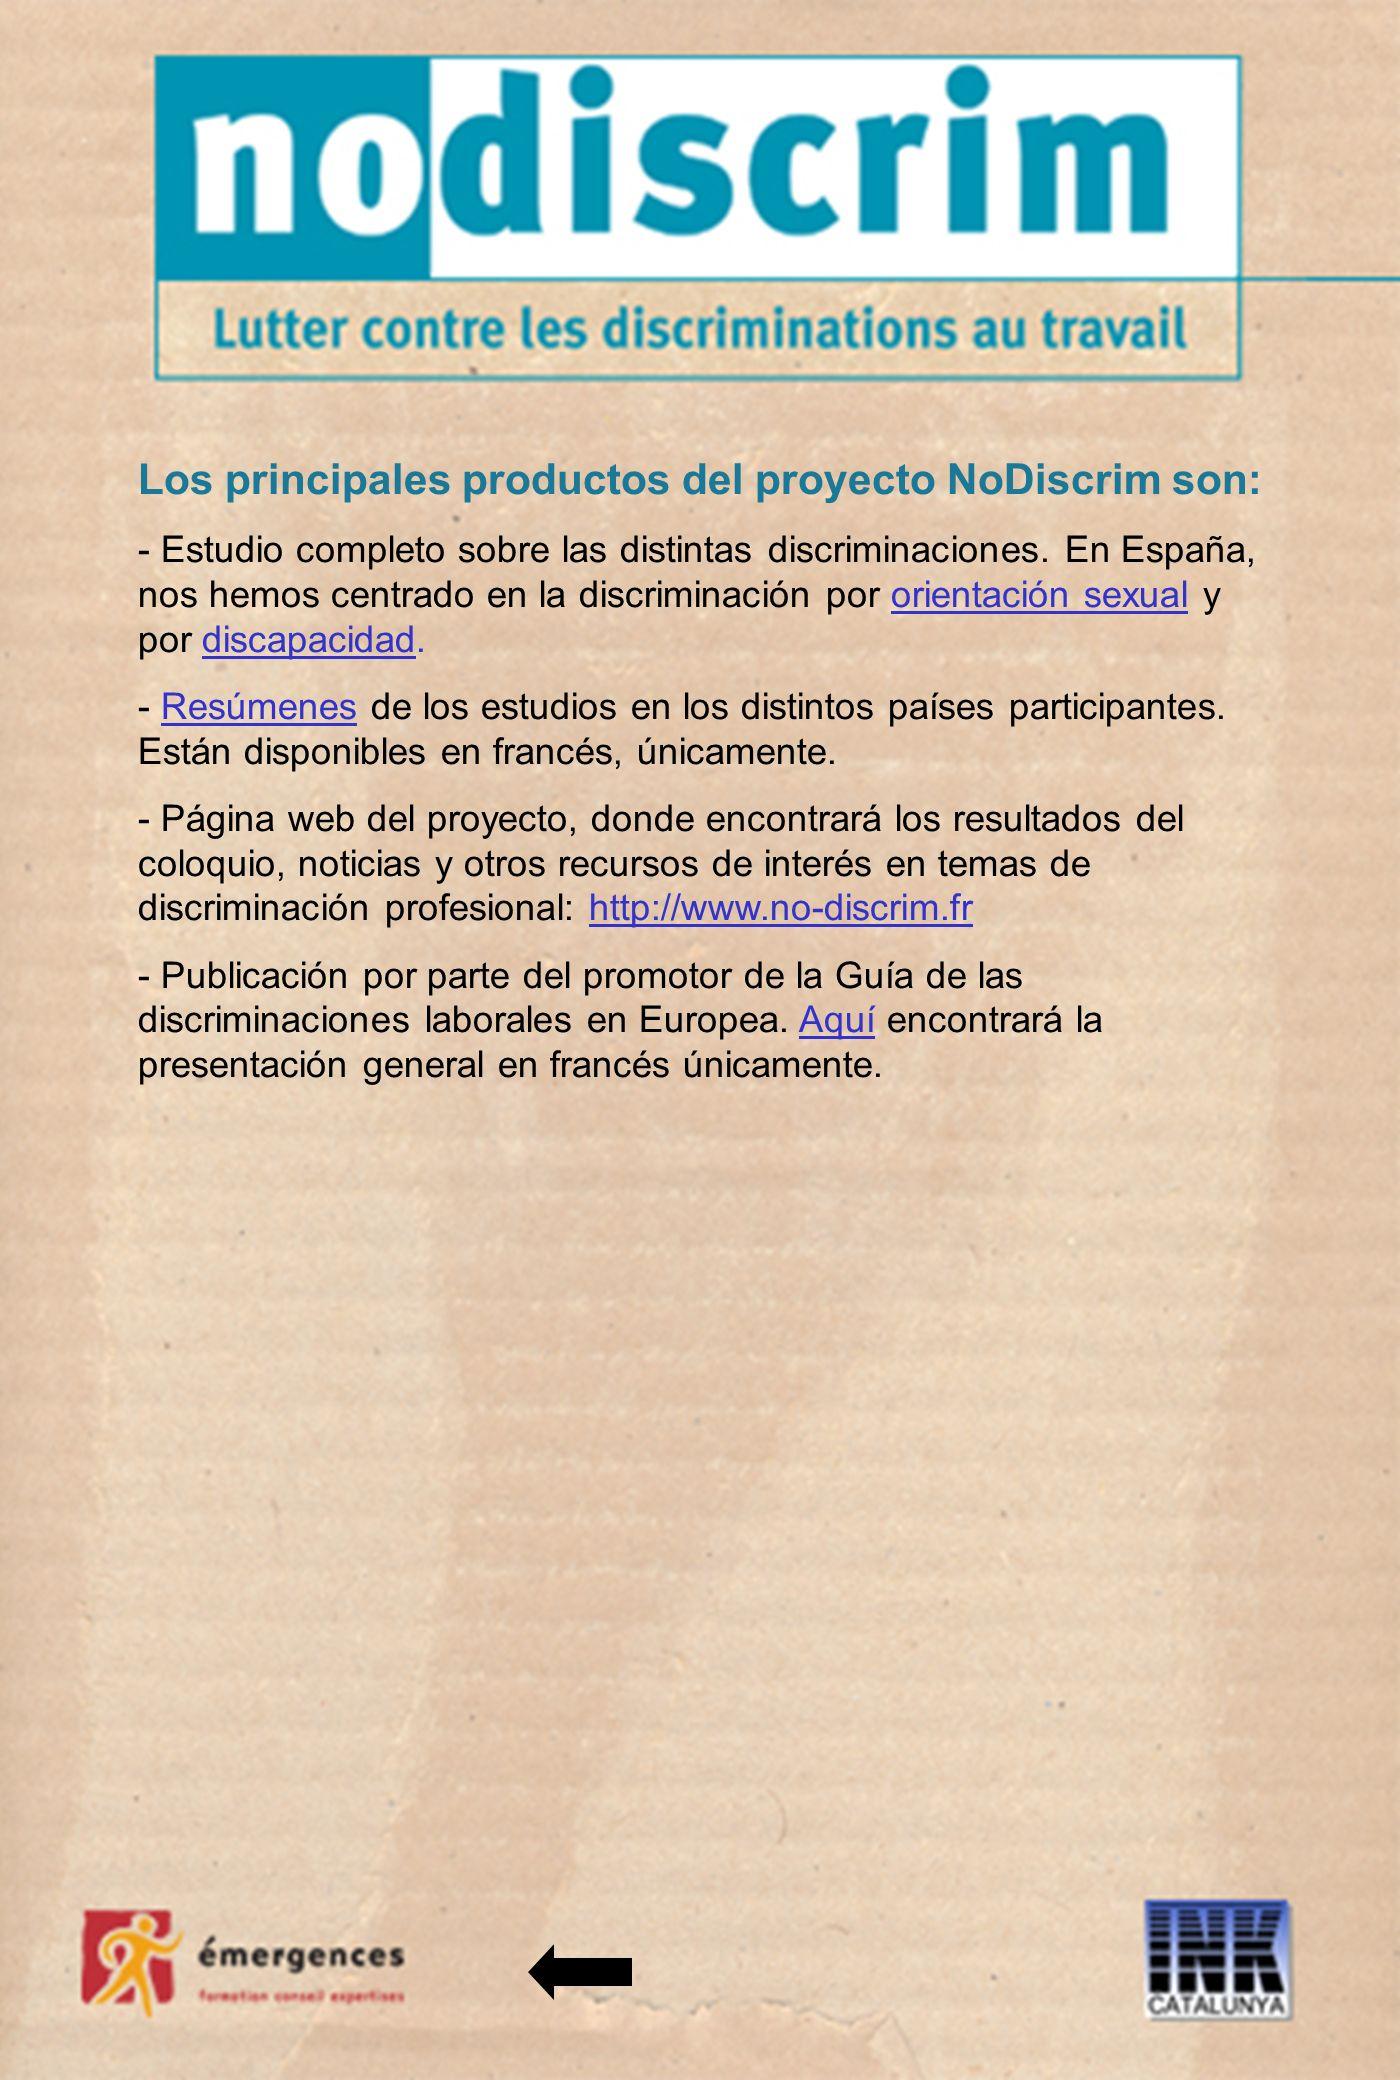 Los principales productos del proyecto NoDiscrim son: - Estudio completo sobre las distintas discriminaciones.